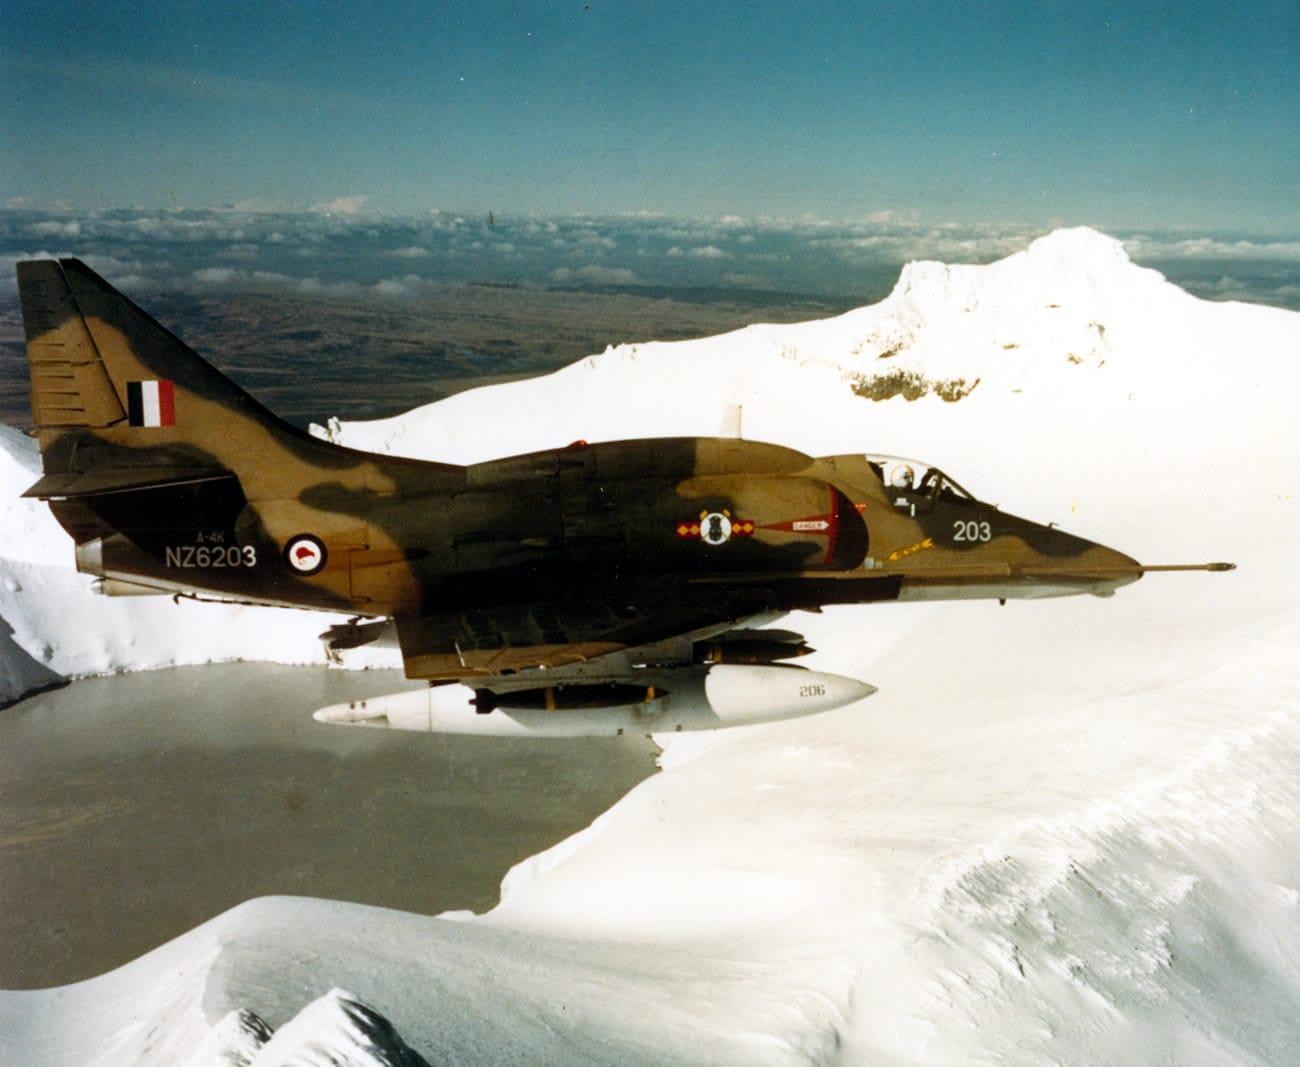 RNZAF A4 Skyhawk